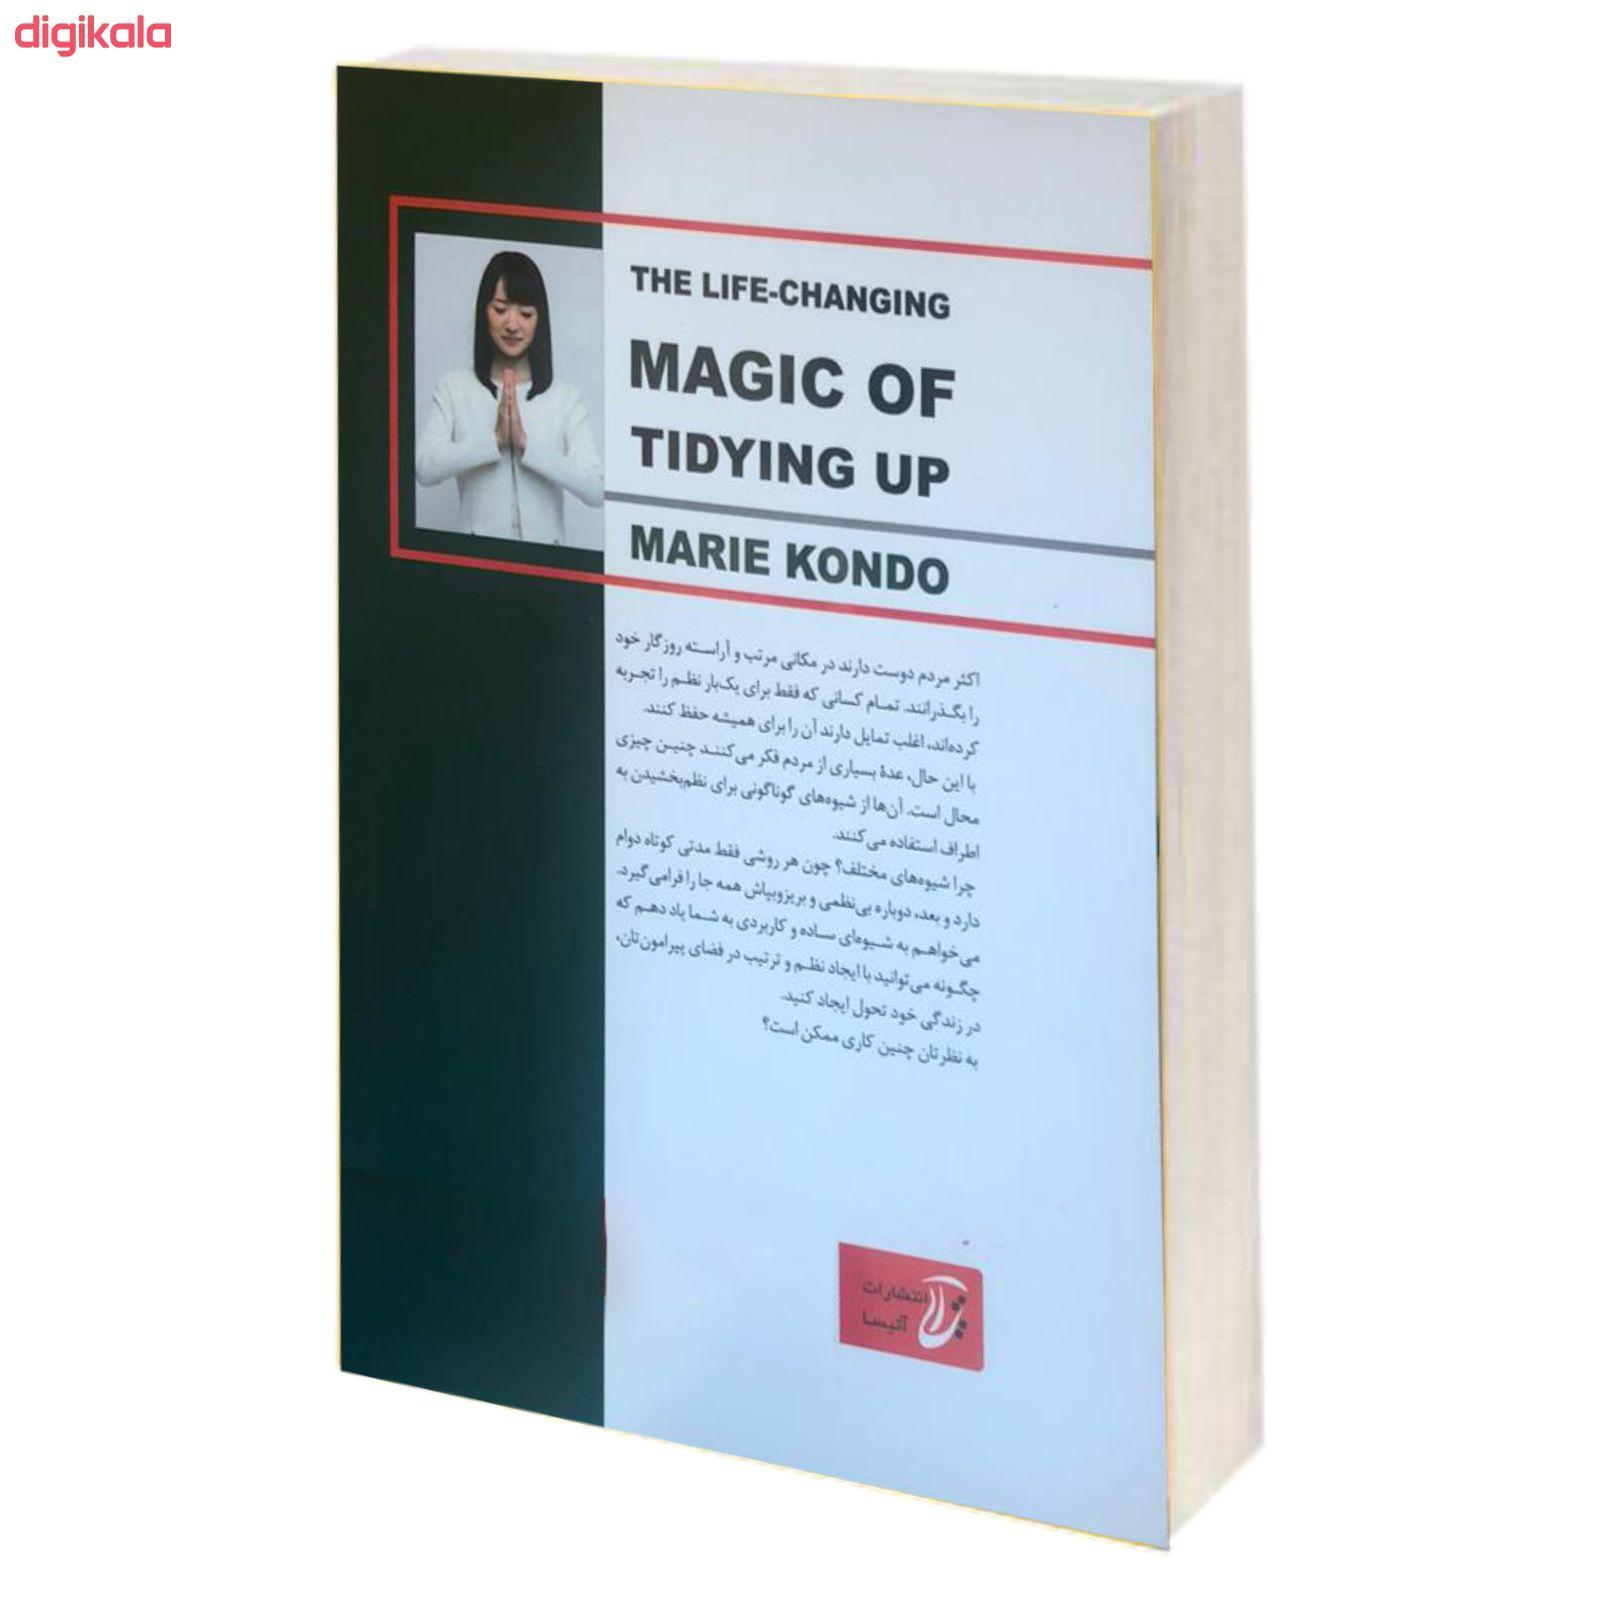 کتاب دگرگونی زندگی با جادوی نظم اثر ماری کوندو نشر آتیسا